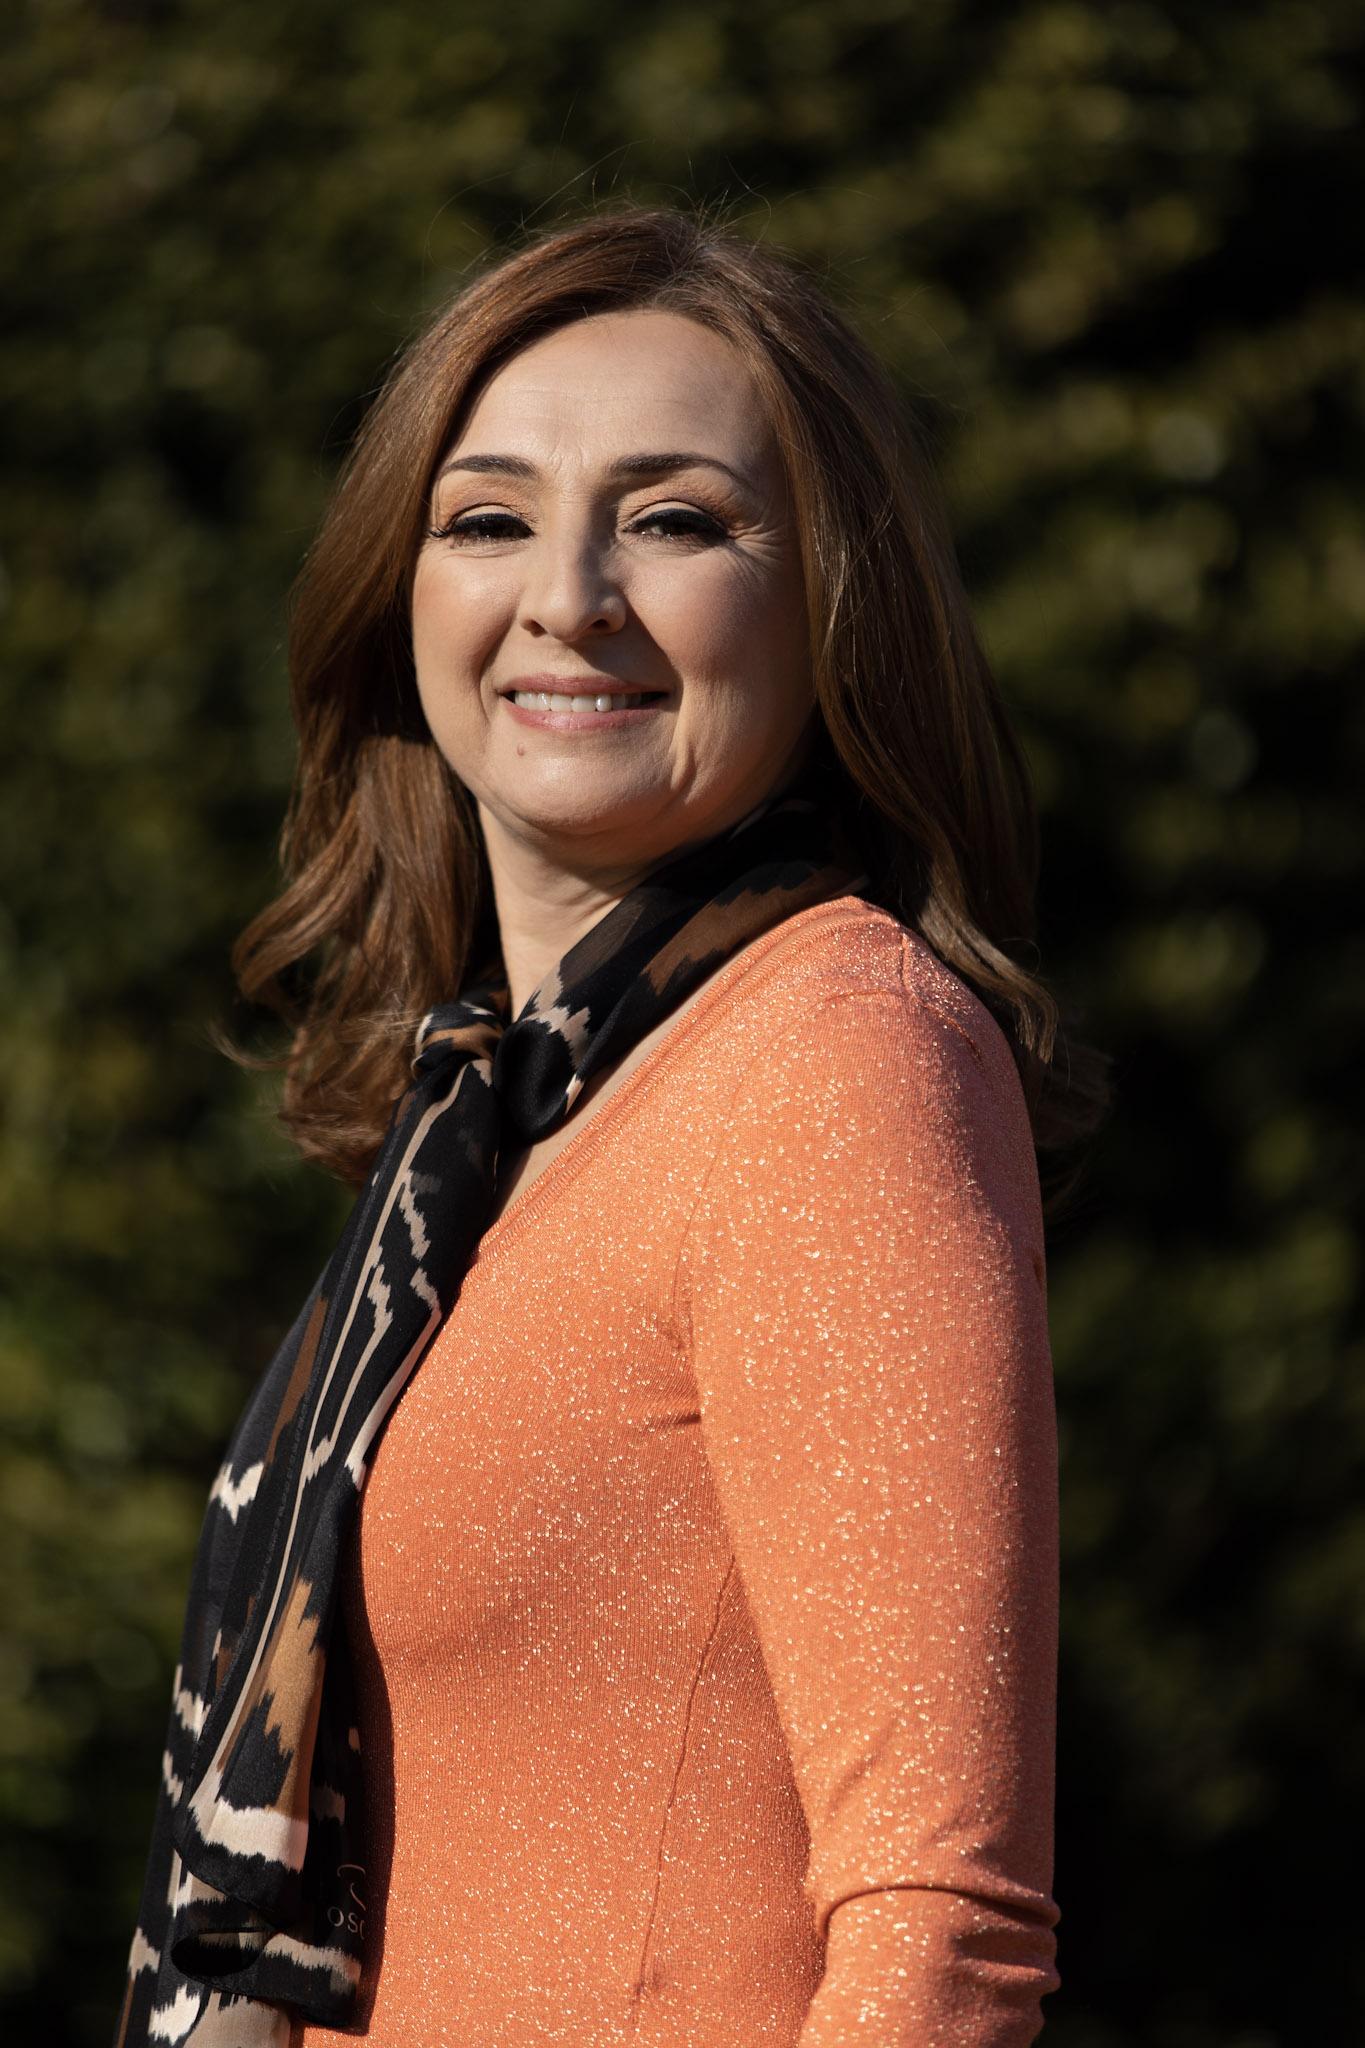 Irene Blekhter